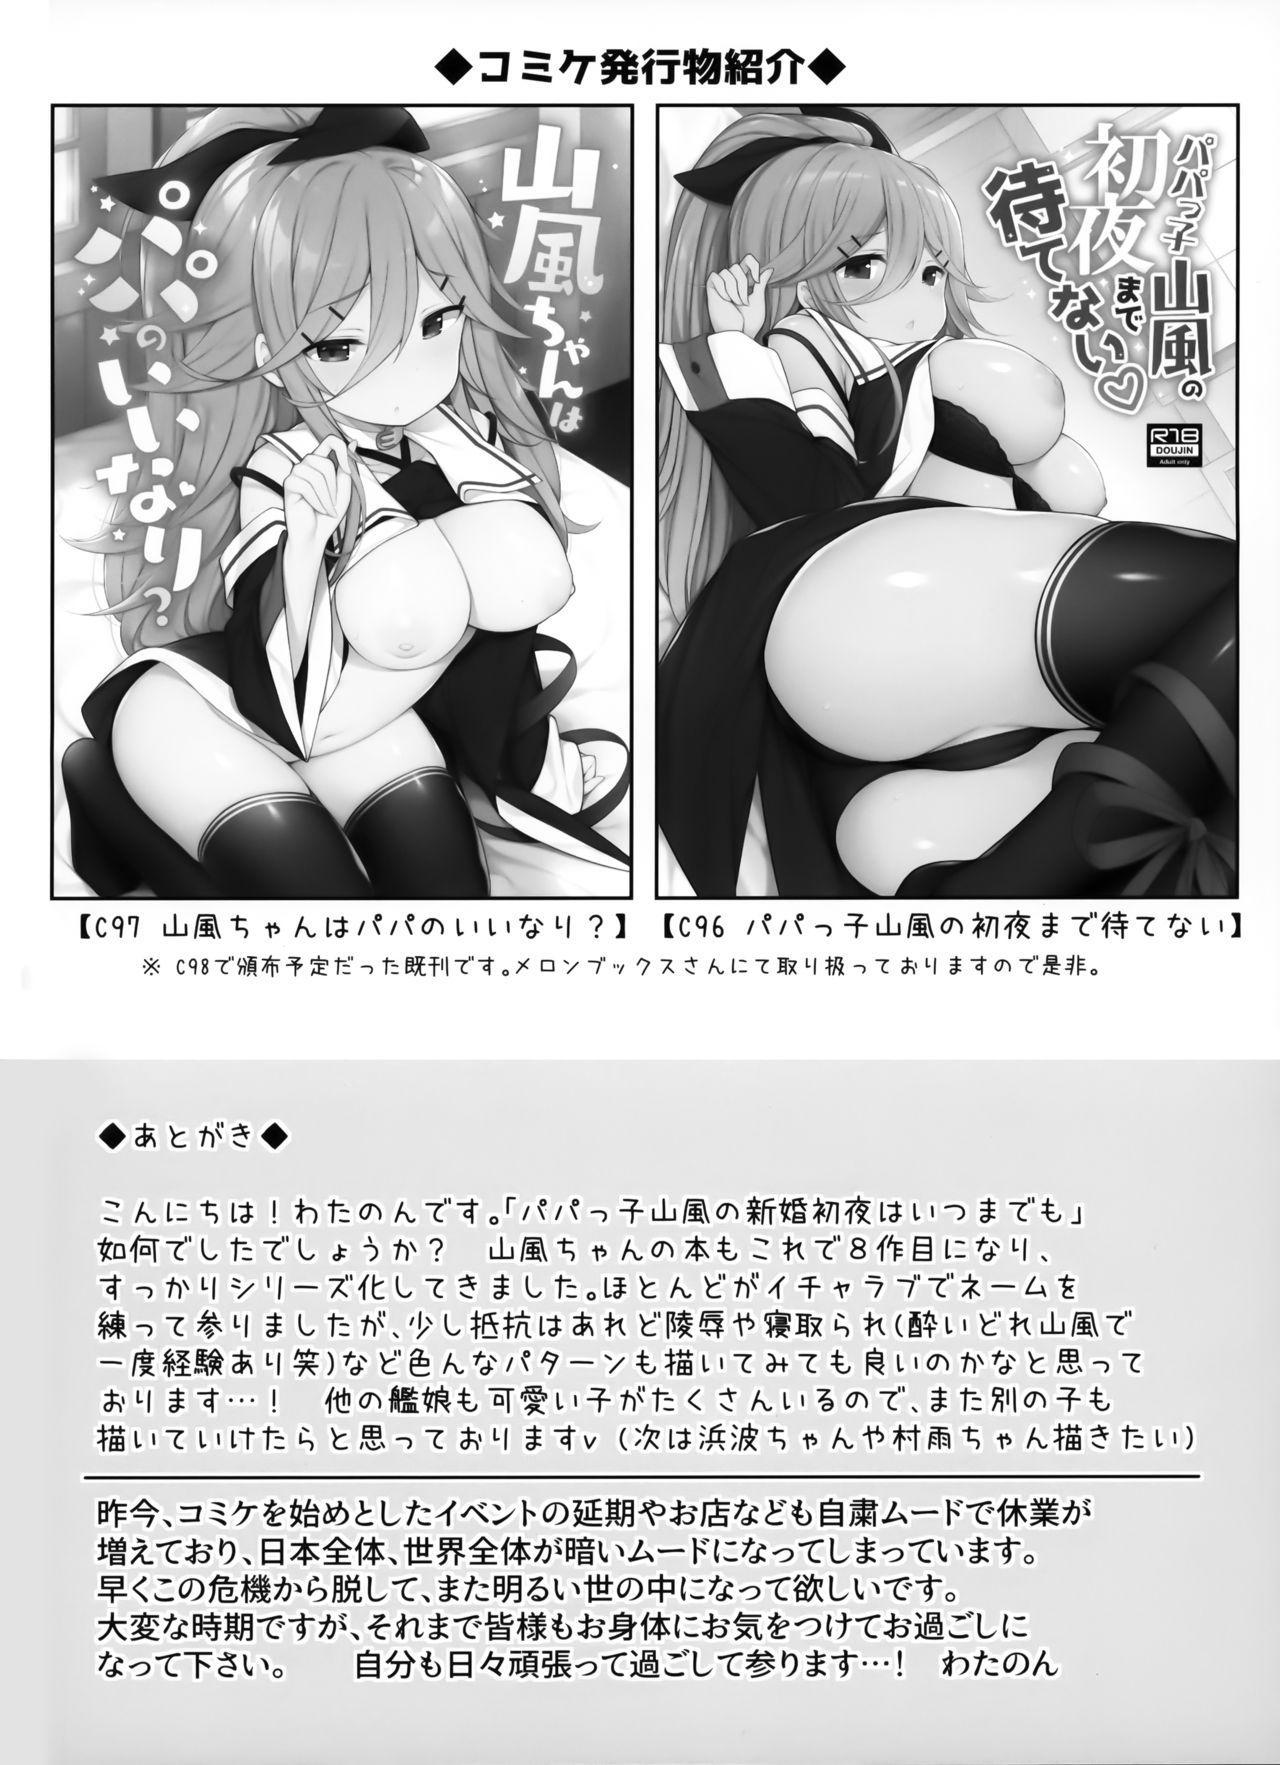 Papakko Yamakaze no Shinkon Shoya wa Itusumademo 20